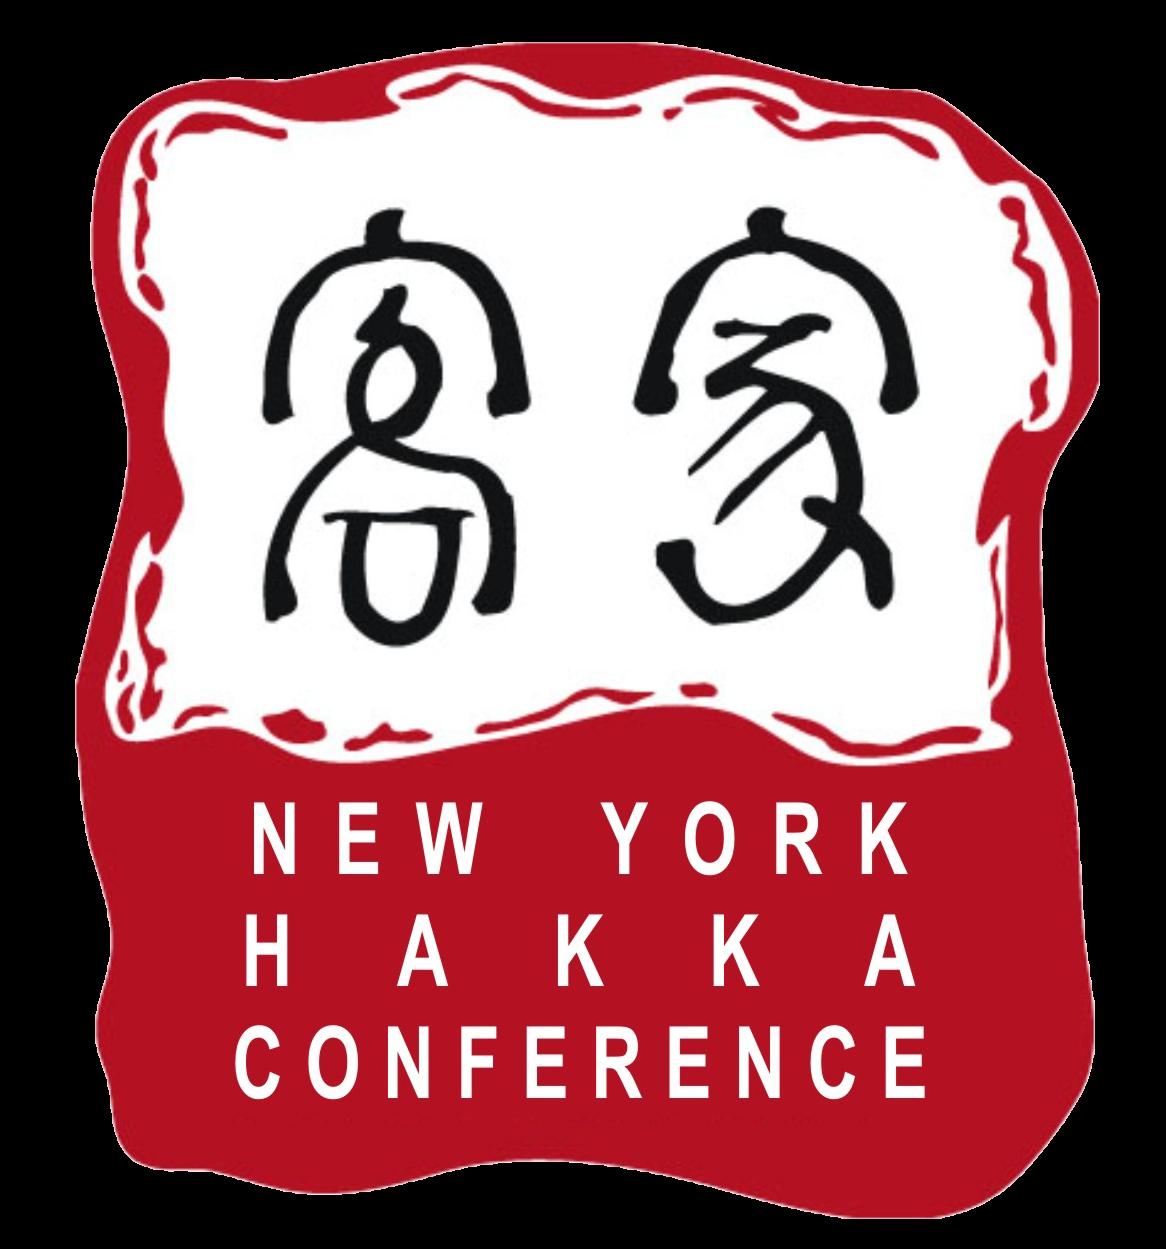 NY Hakka Conference